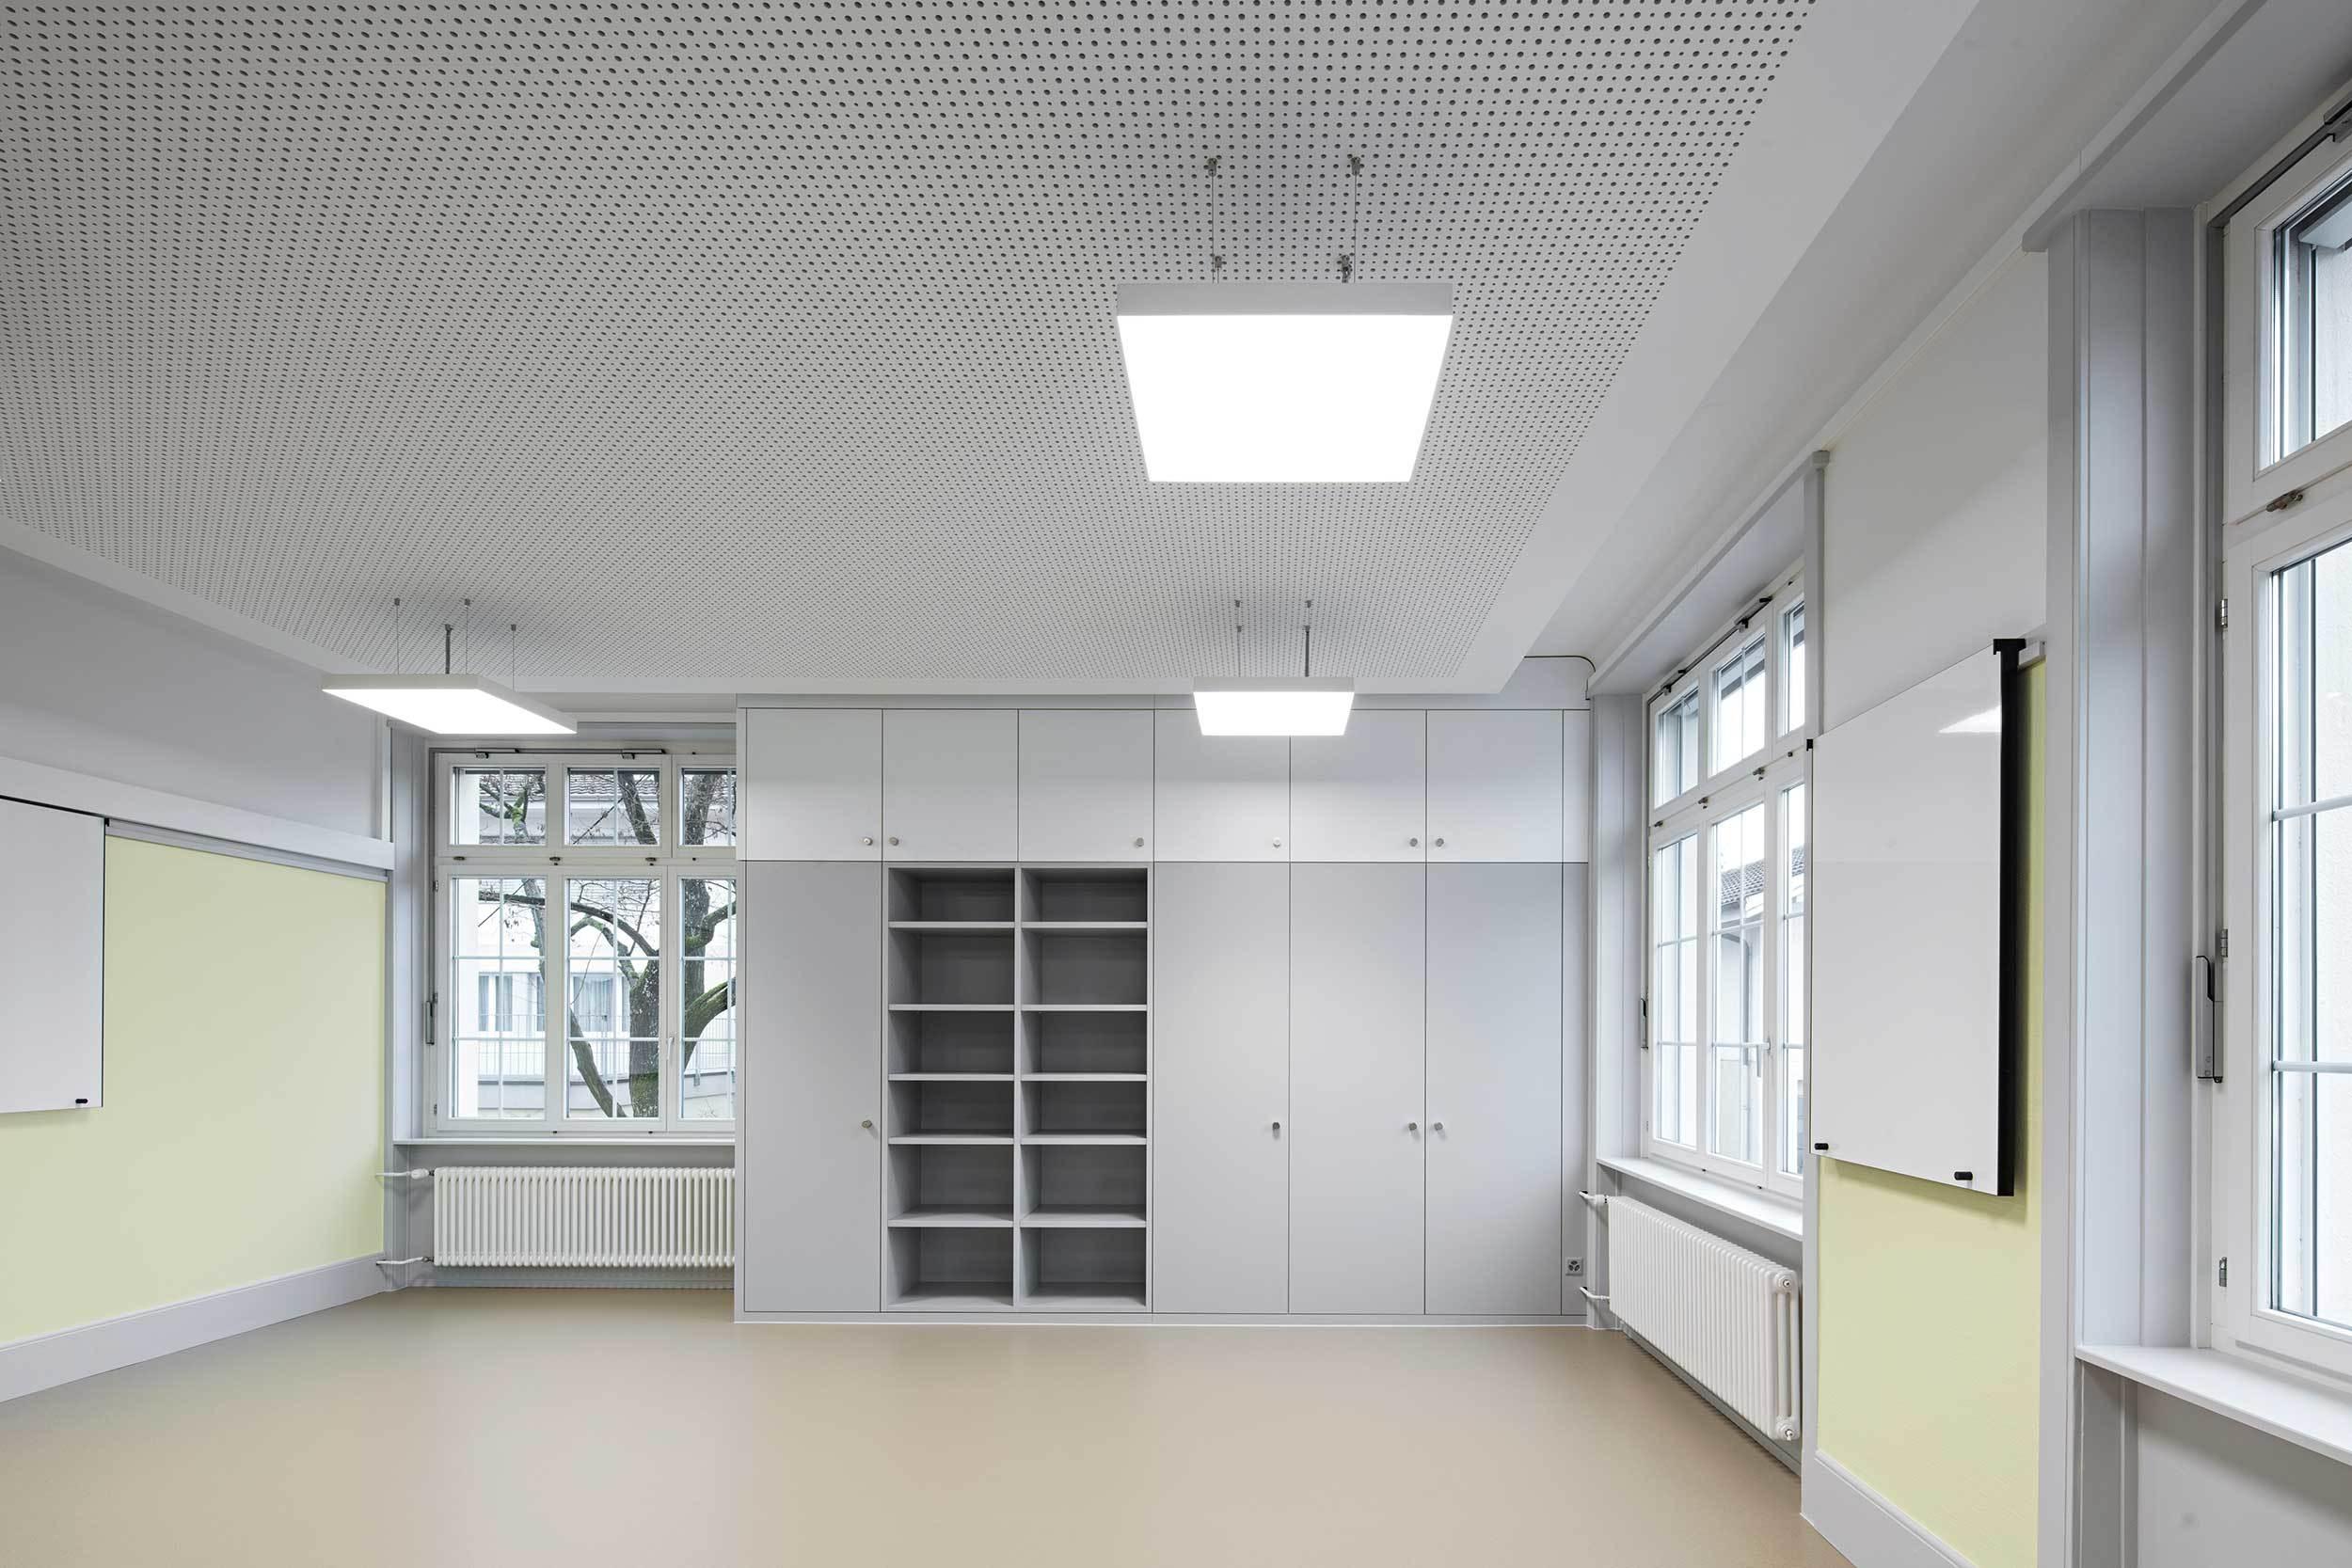 primarschulhaus-west-interlaken-von-allm